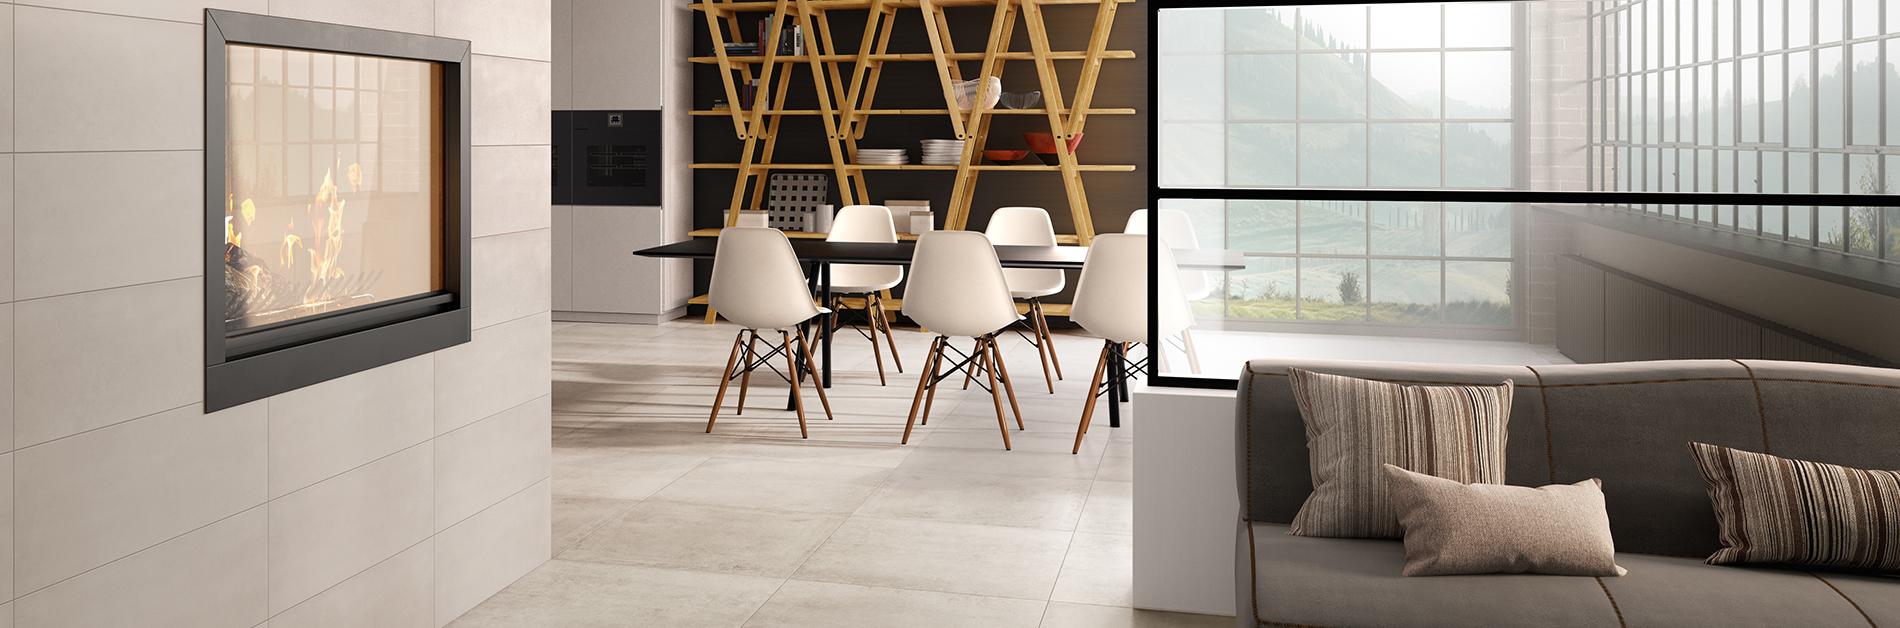 fliesen klaas aus k ln fliesen klaas aus k ln. Black Bedroom Furniture Sets. Home Design Ideas